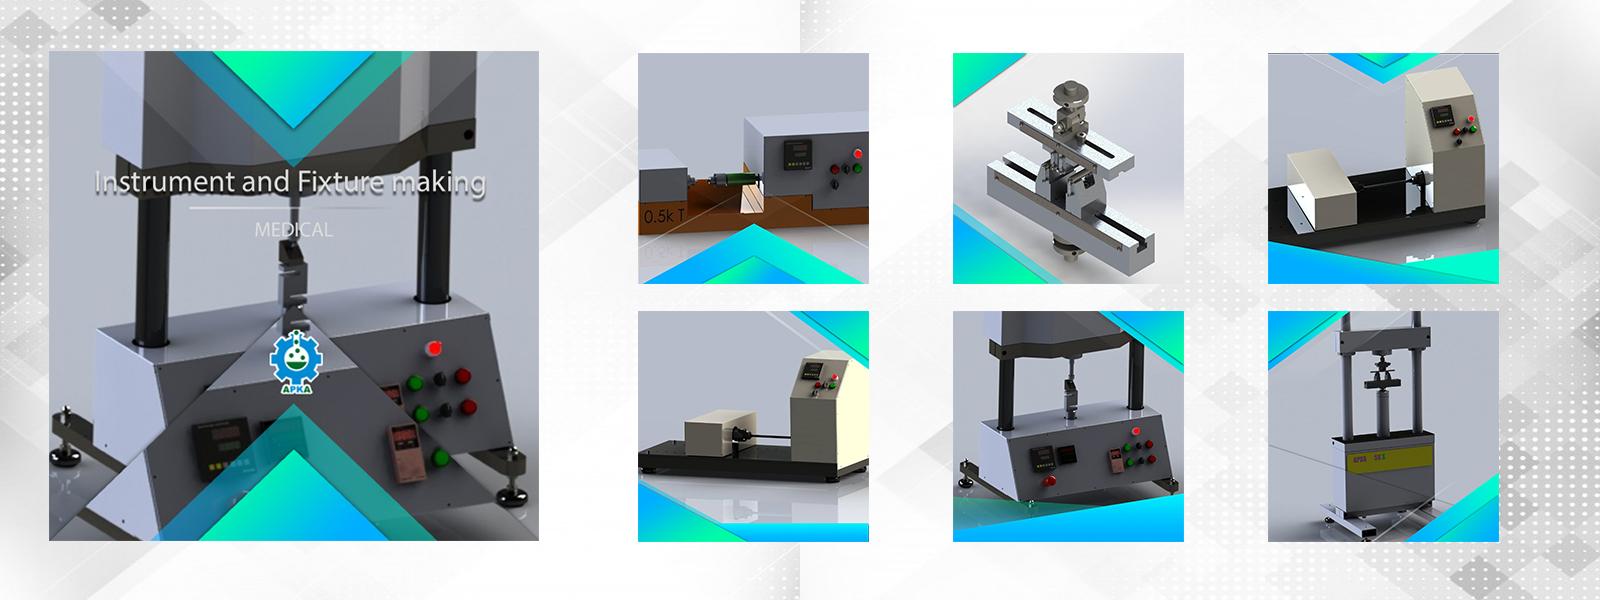 مهندسی ساخت دستگاه وتجهیزات فیکسچر